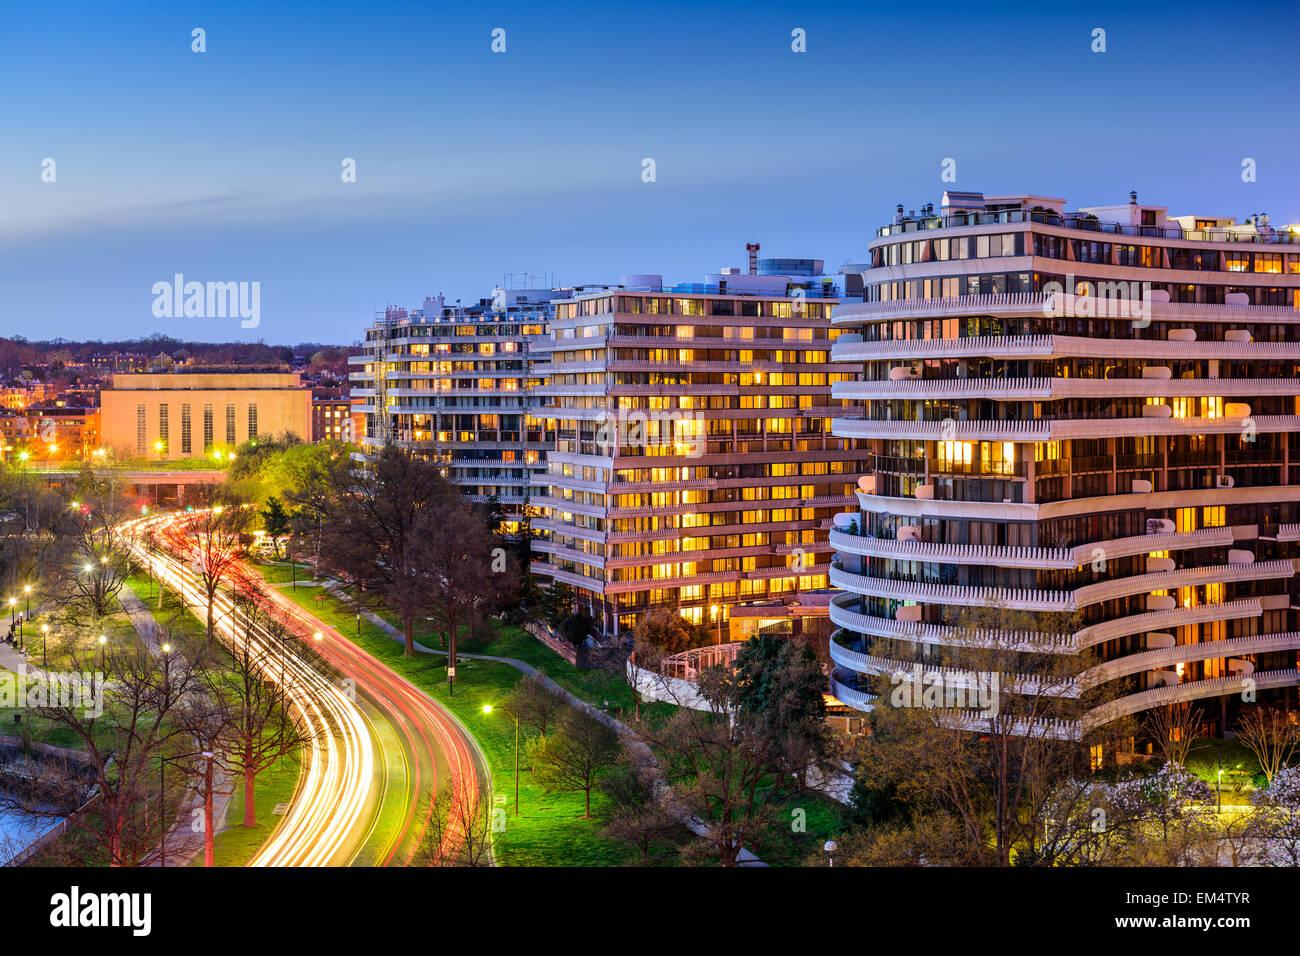 Washington, D.C. cityscape dans le quartier de Foggy Bottom. Photo Stock